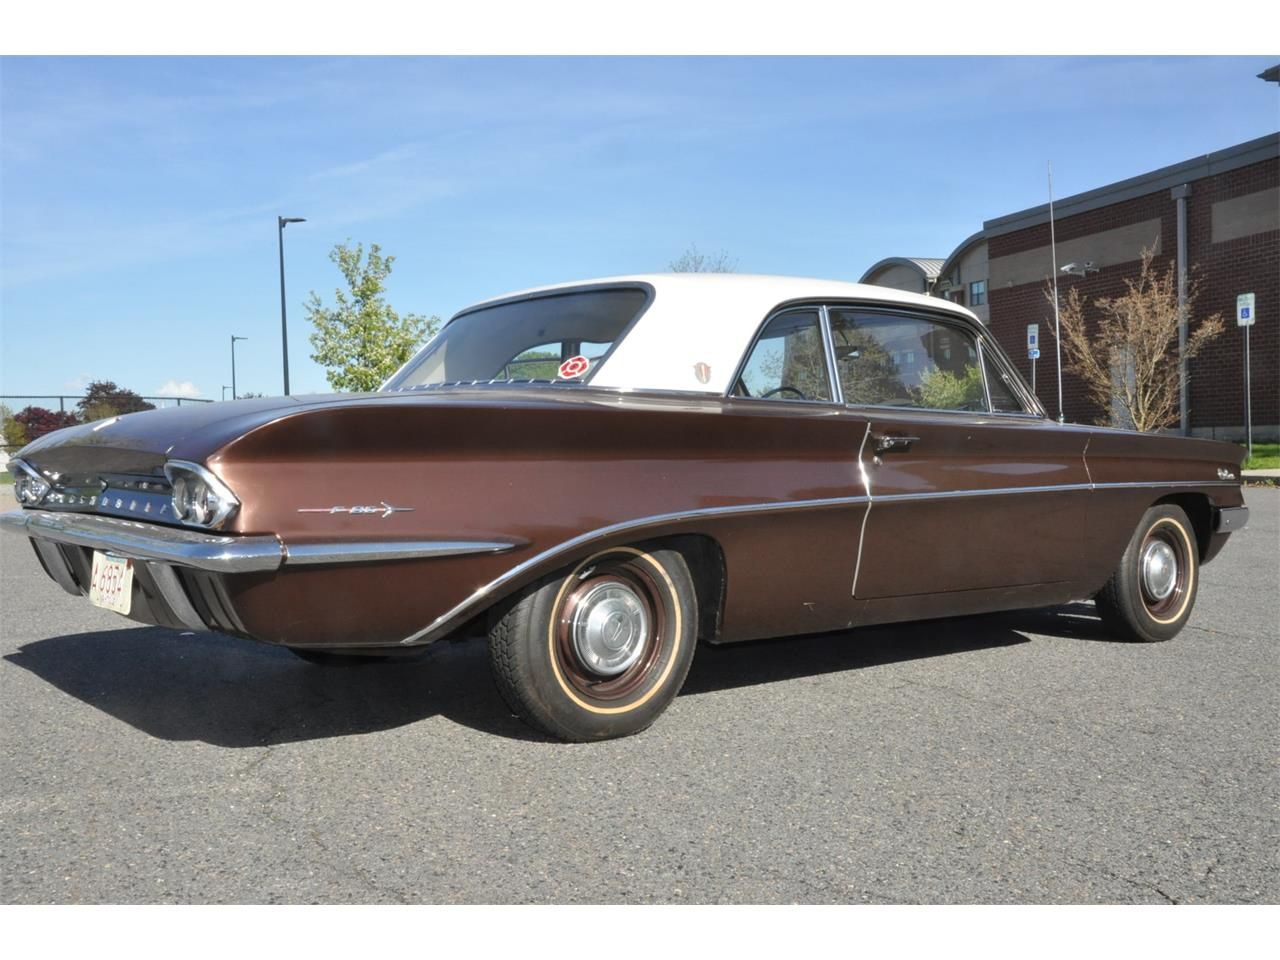 For Sale: 1961 Oldsmobile Cutlass in Acushnet, Massachusetts